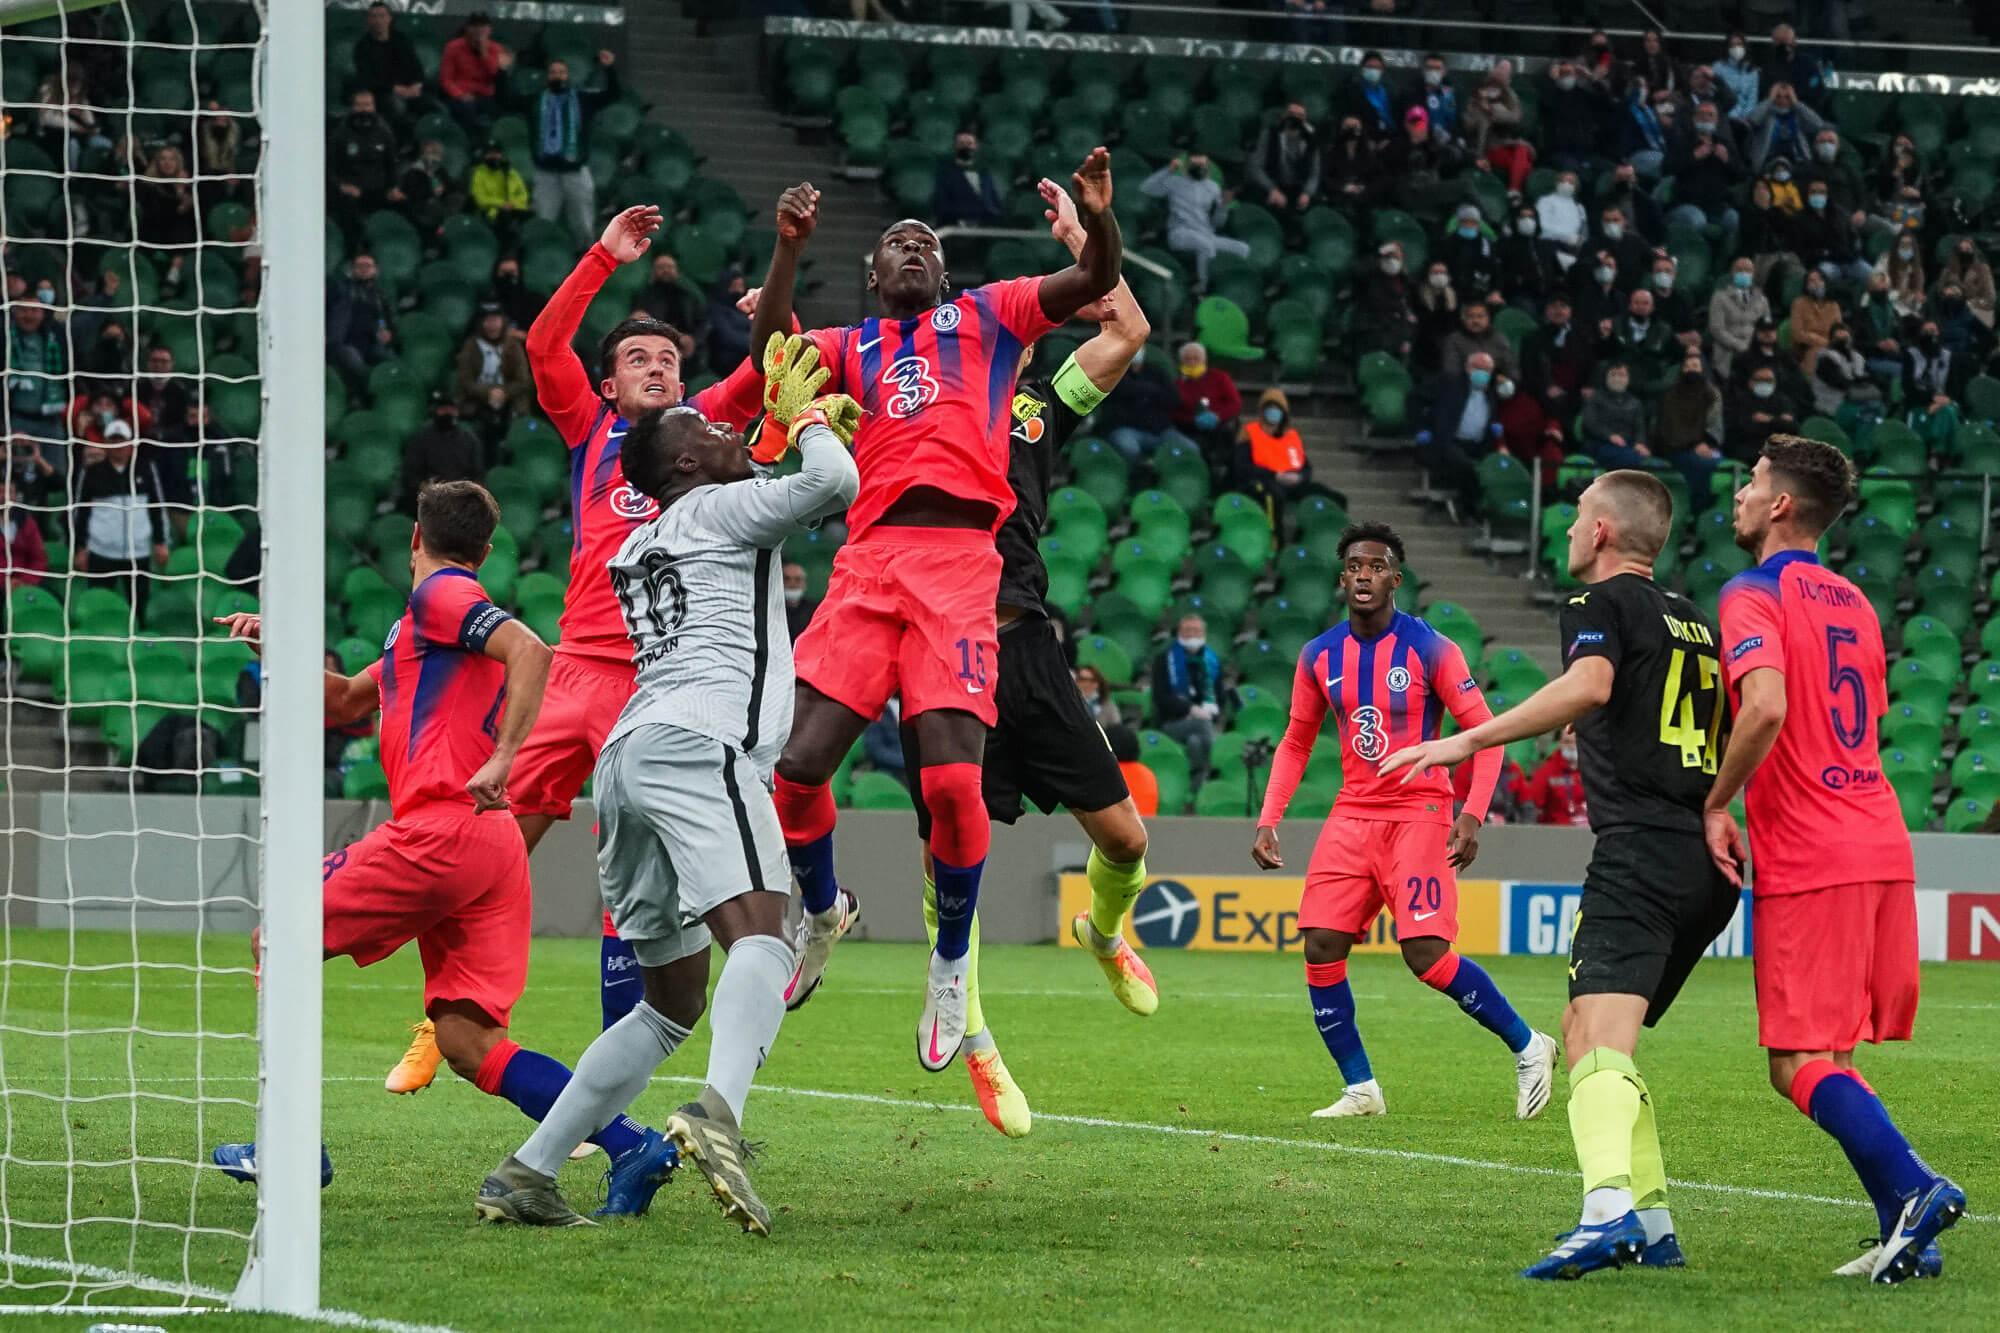 ФК «Краснодар» разгромно уступил «Челси» в матче Лиги чемпионов. Фоторепортаж